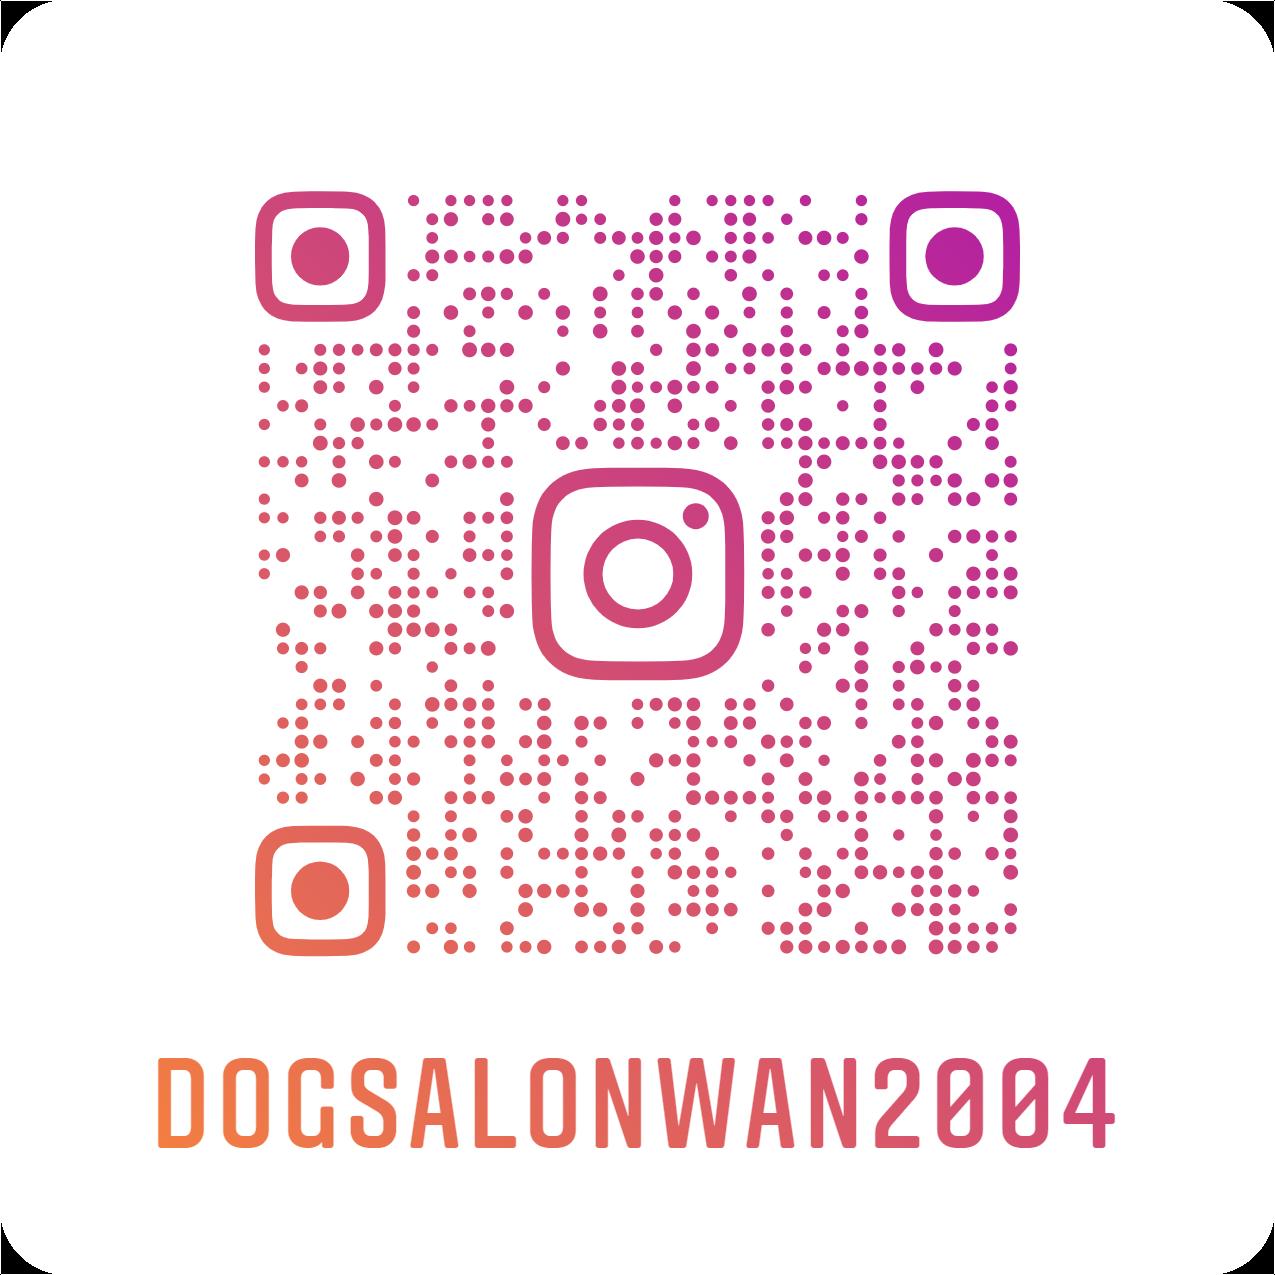 dogsalonwan2004_nametag_20210808133857f41.png